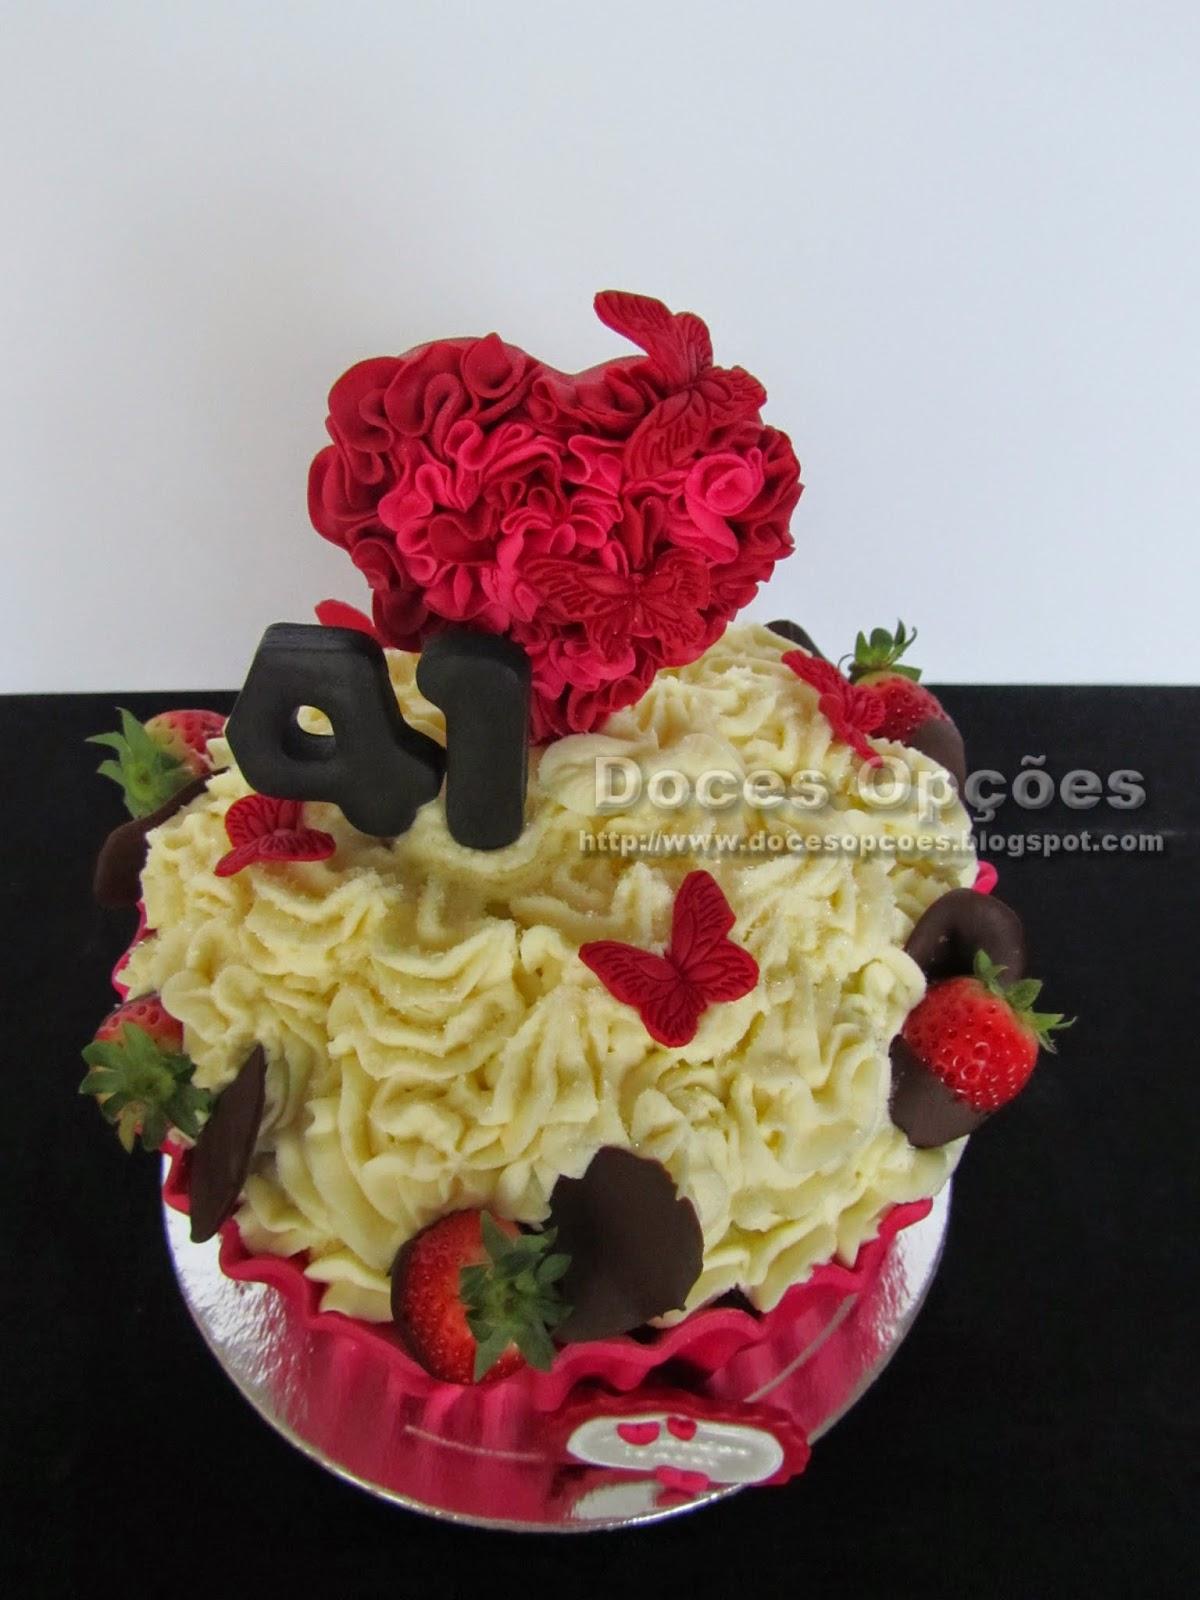 bolo aniversário decorado mogadouro